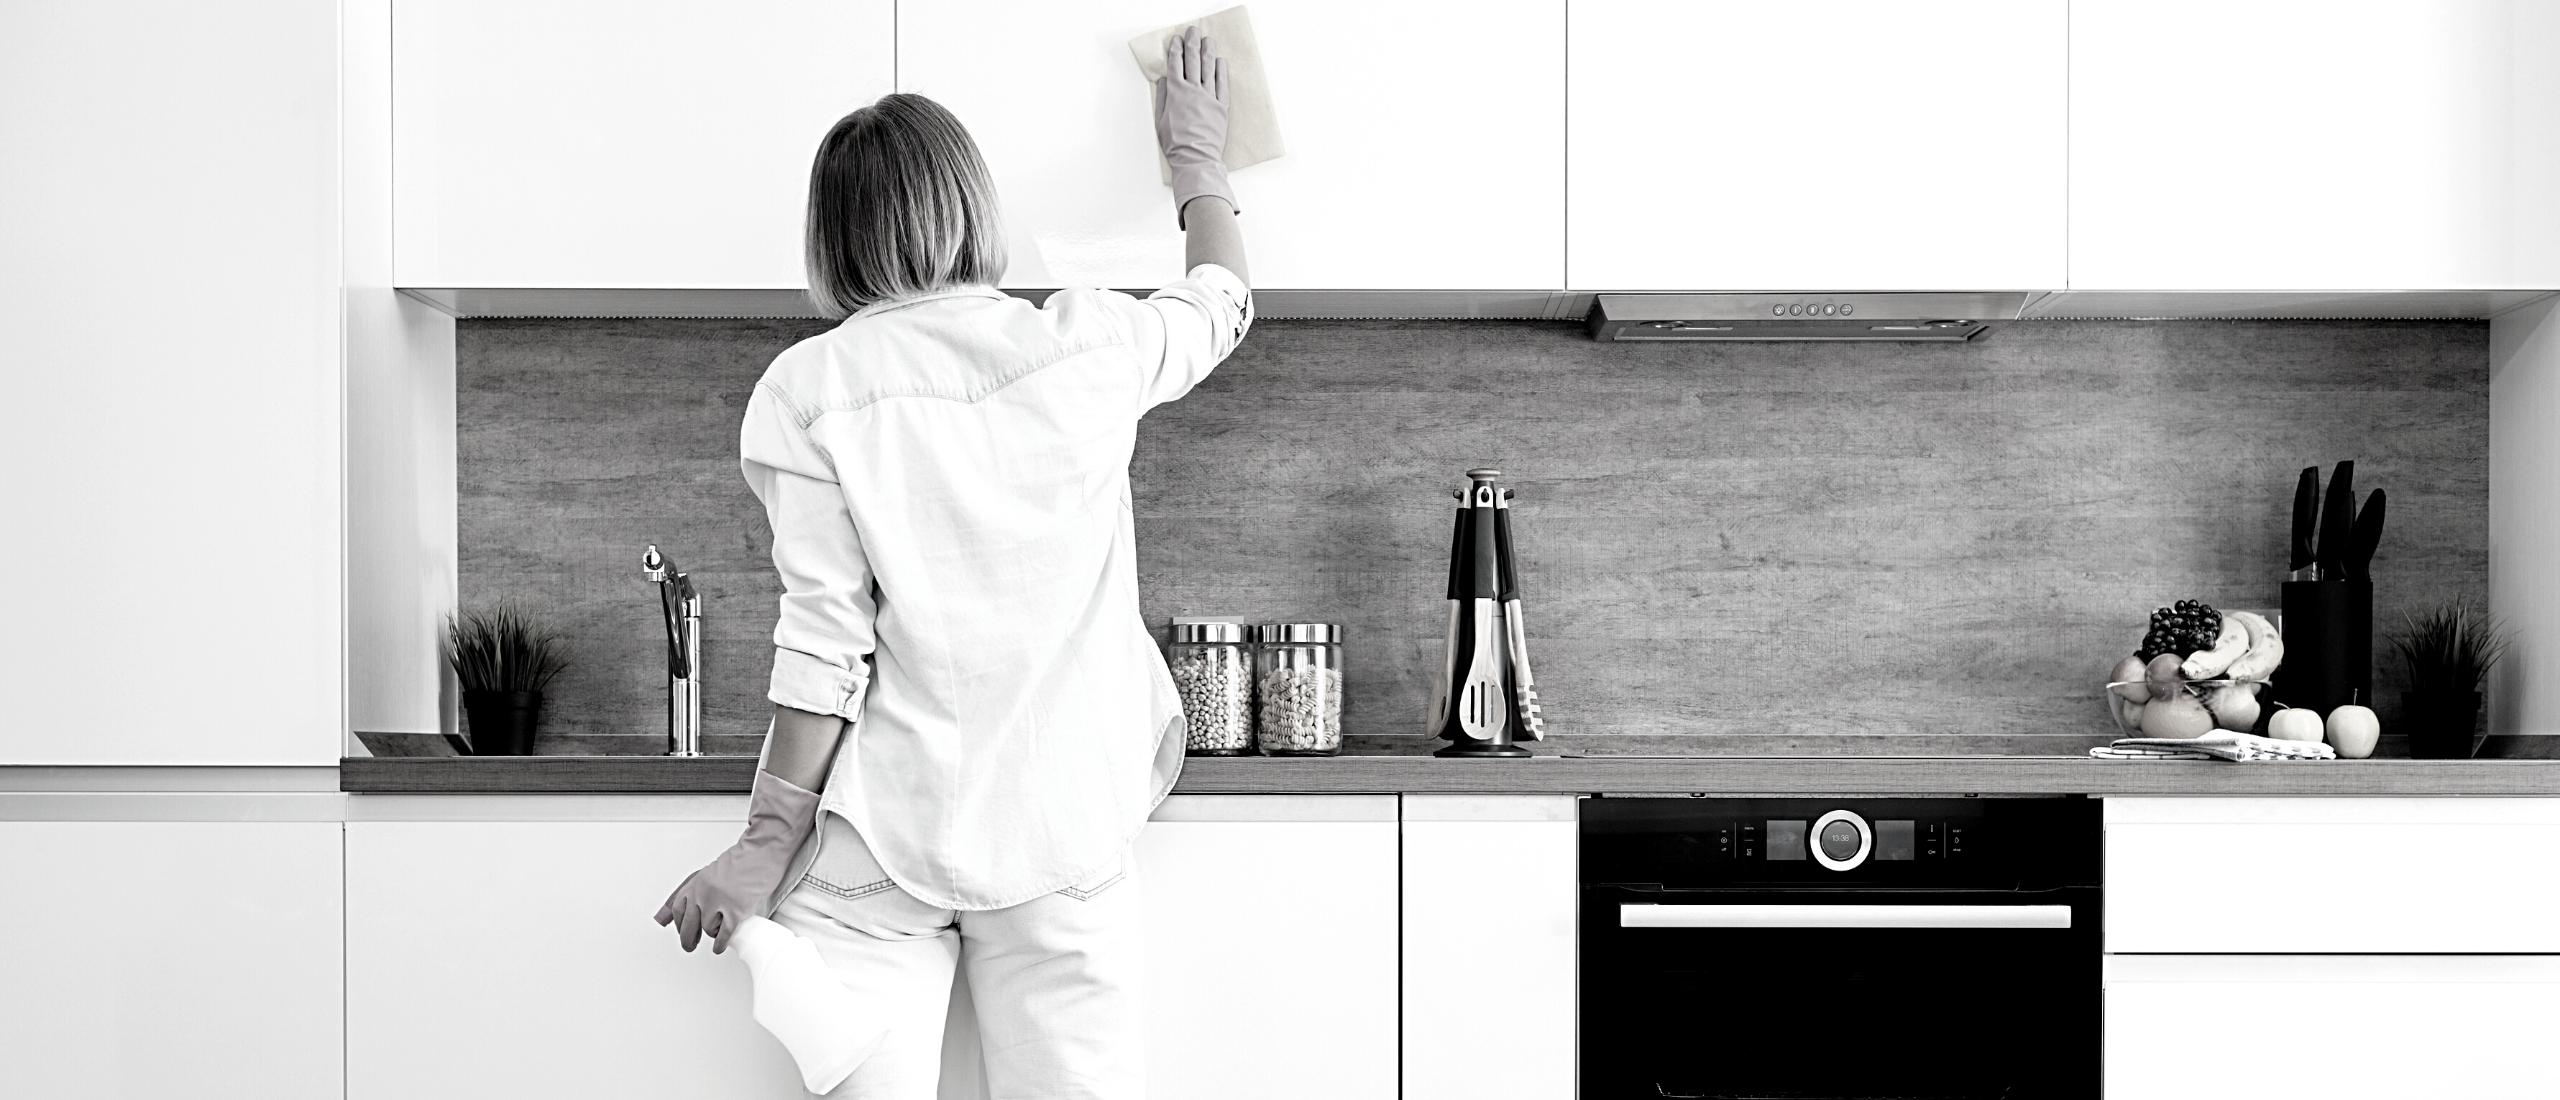 Een schone keuken kookt het lekkerst.